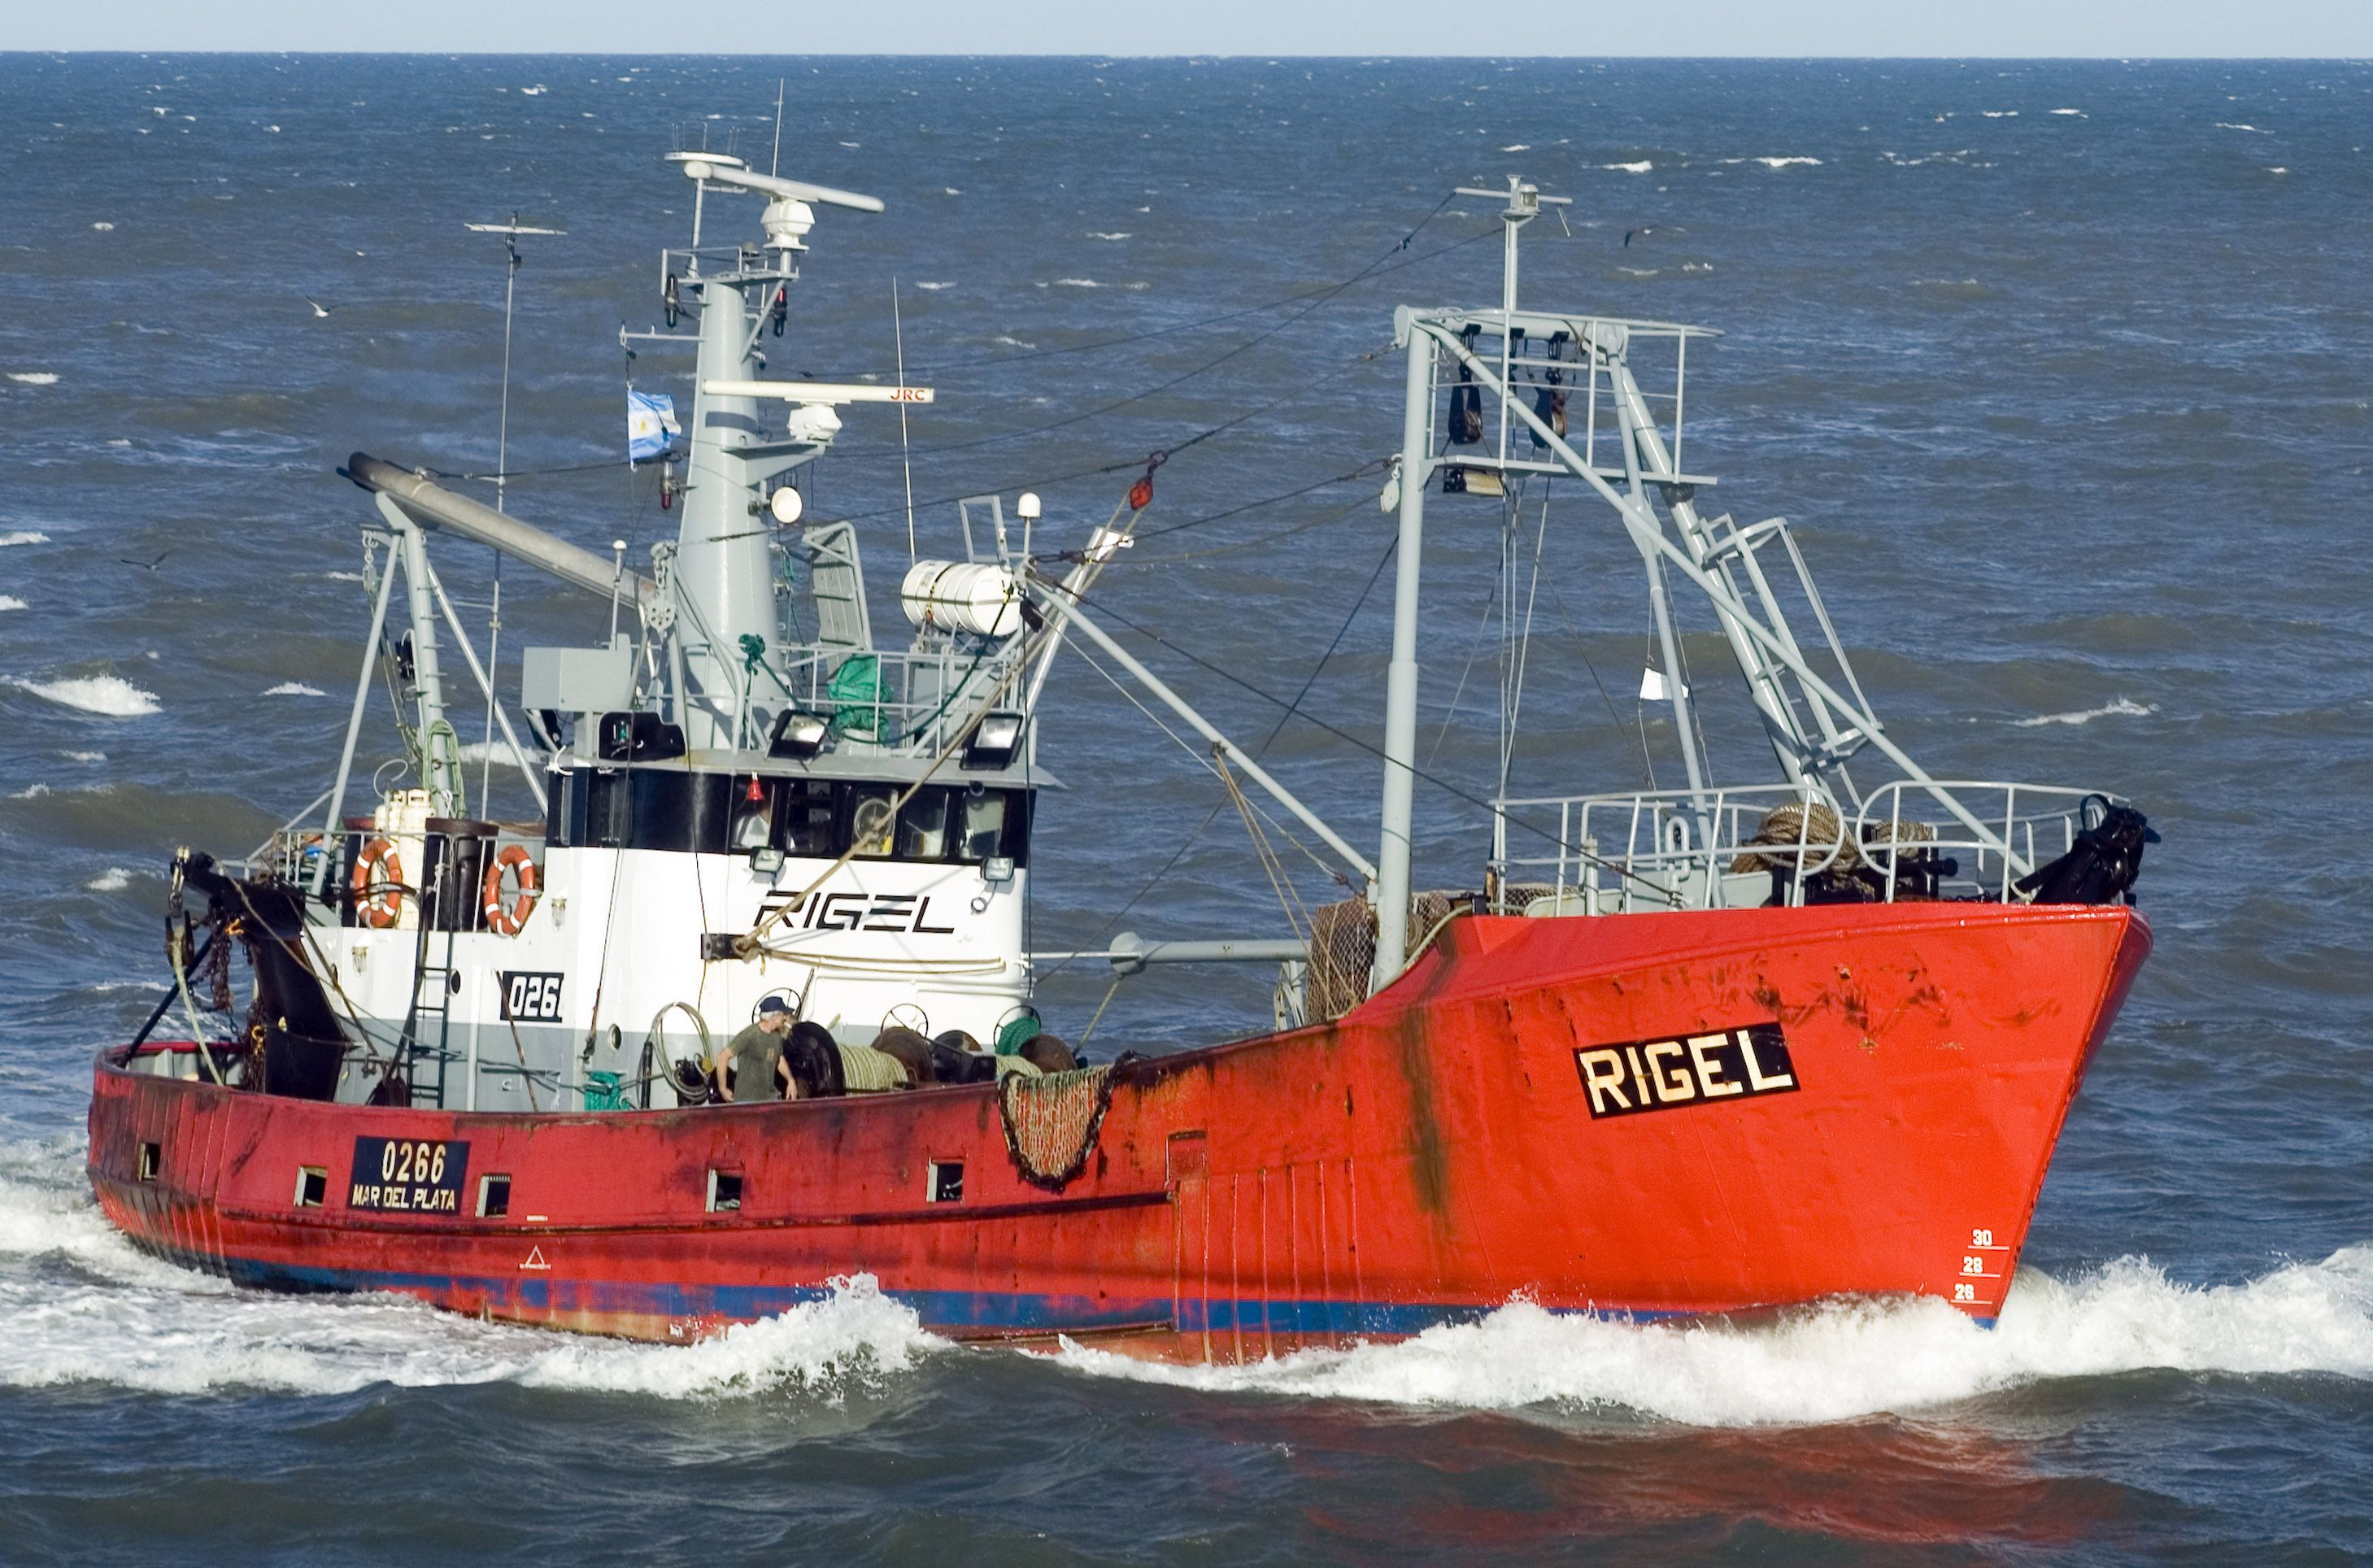 Un buque de investigación científica se sumó a la búsqueda del pesquero Rigel